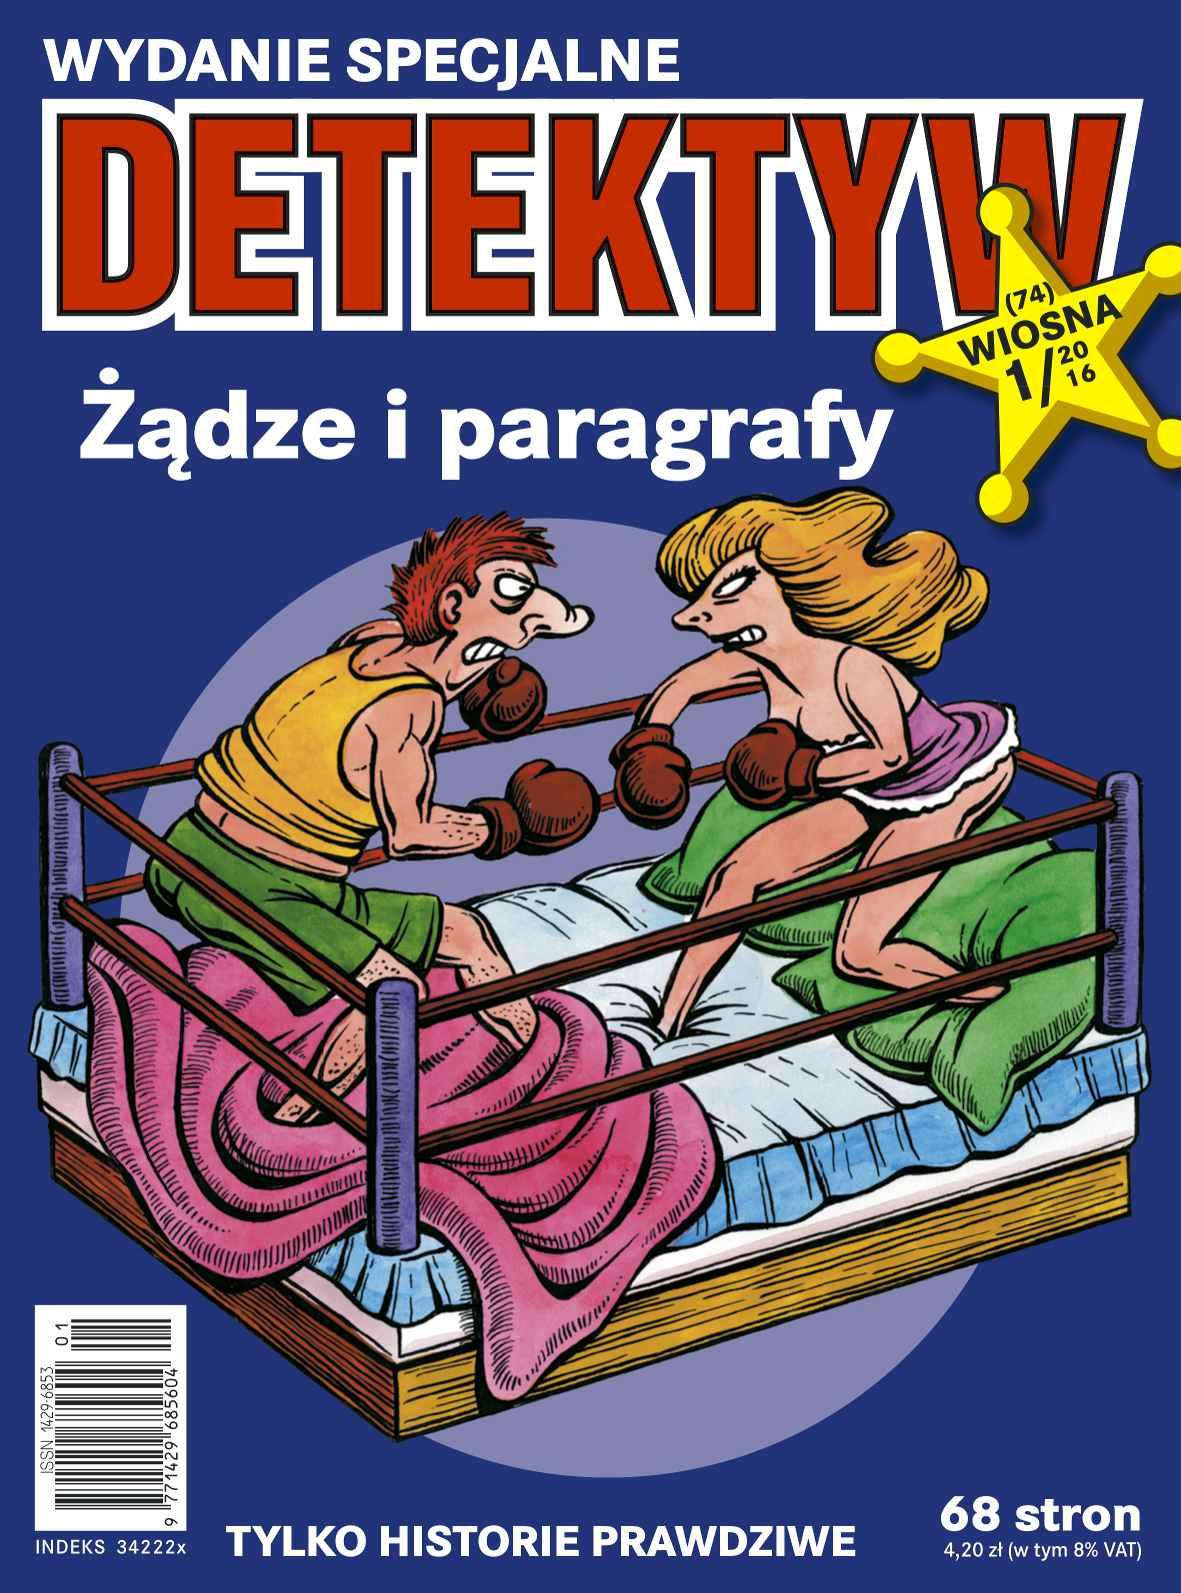 Detektyw - Wydanie Specjalne 1/2016 - Ebook (Książka PDF) do pobrania w formacie PDF